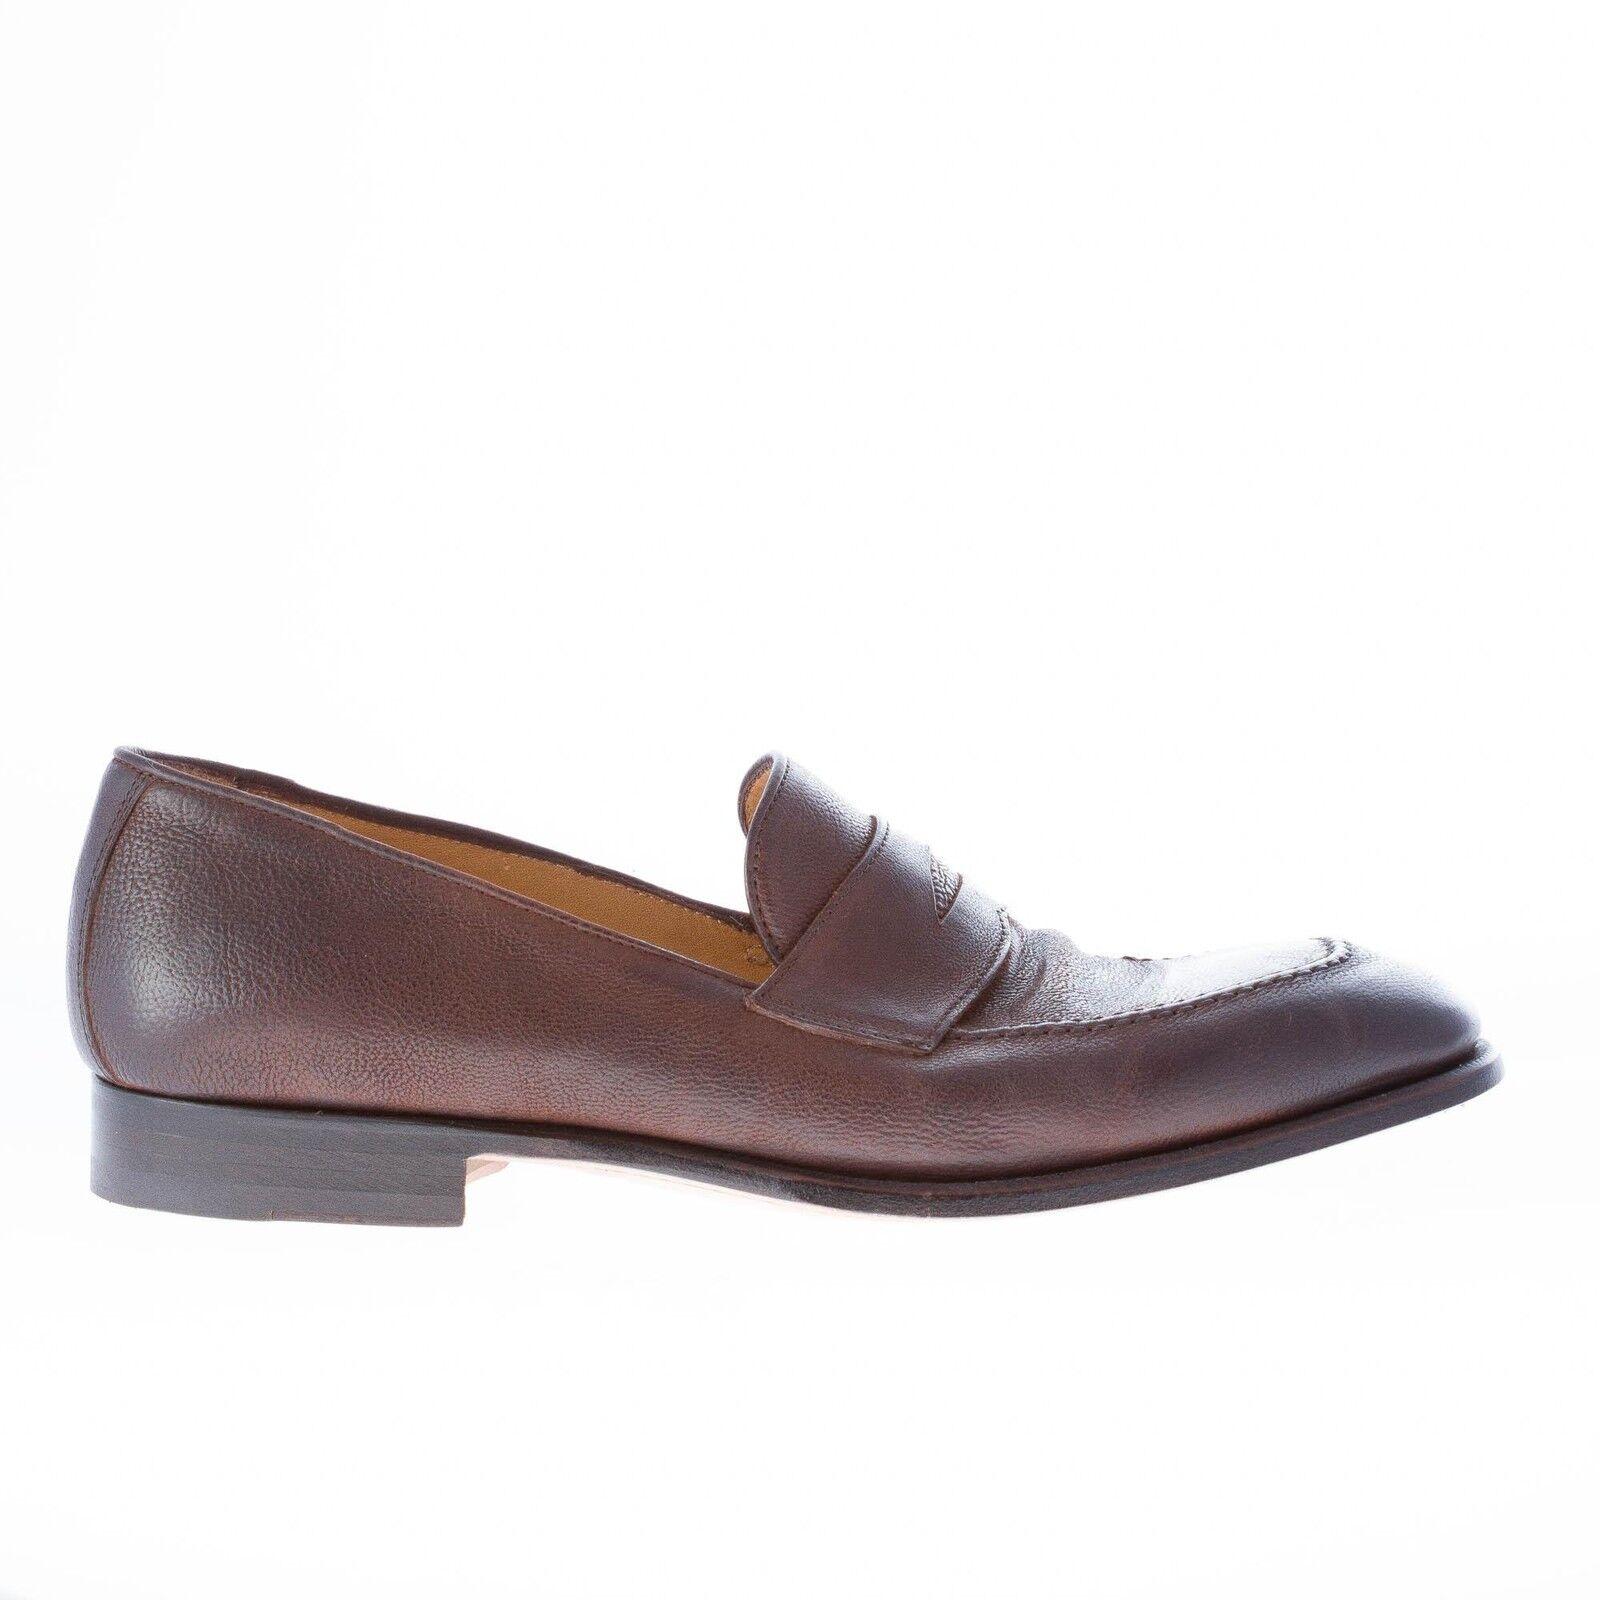 MIGLIORE scarpe uomo men invecchiato shoes mocassino in vitello invecchiato men TESTA DI MORO 4c28d5